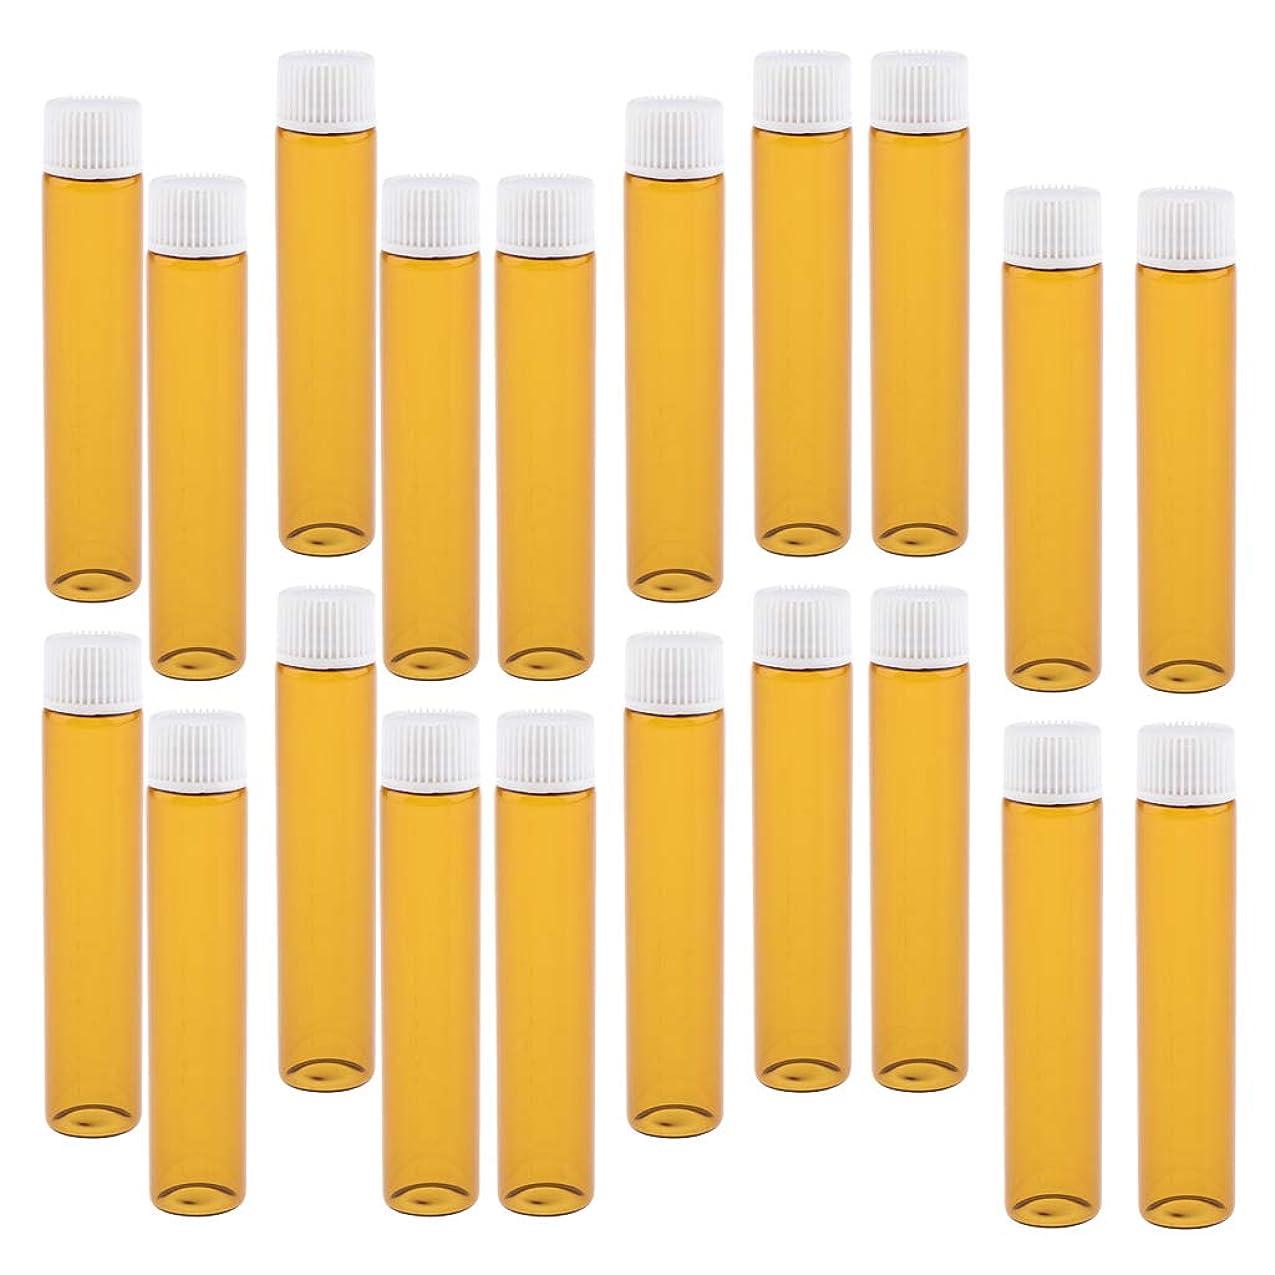 エジプト人以内に爪Perfeclan 20個 詰替え容器 香水ボトル ガラスボトル 小分け容器 小分けボトル 全4色 - ホワイト